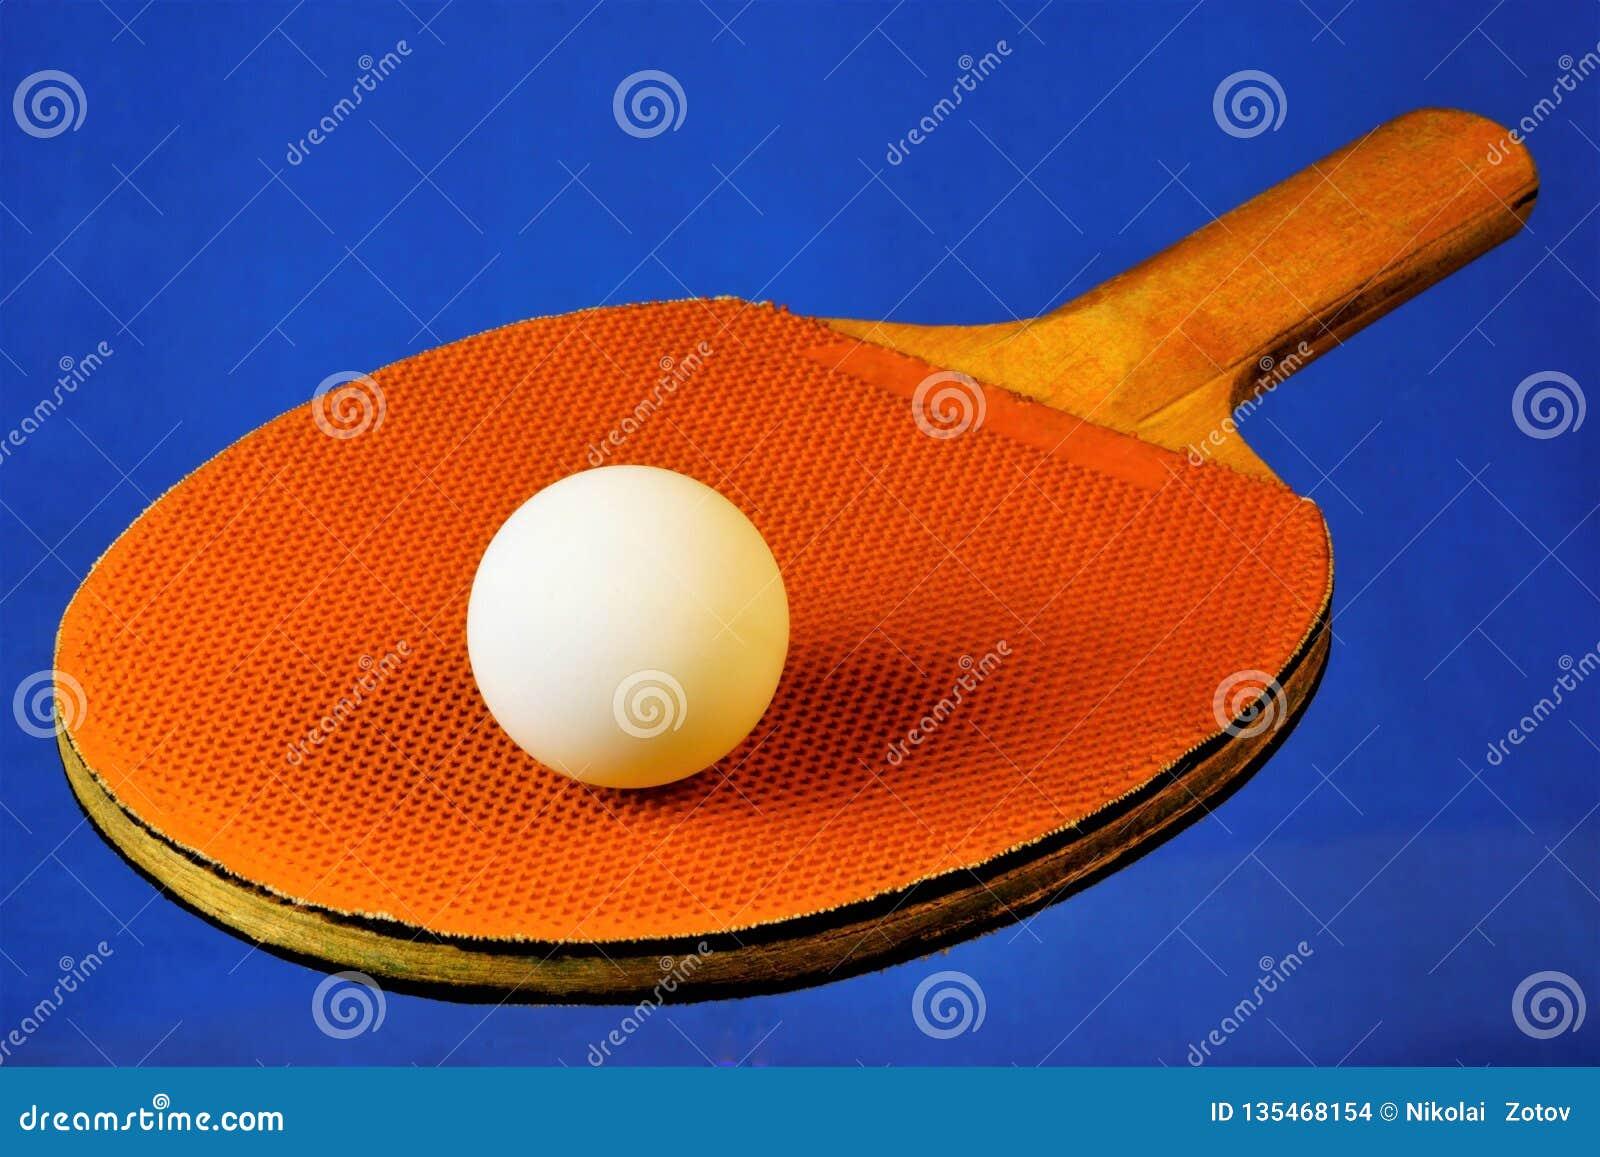 Ракетка и шарик для настольного тенниса олимпийского спорта, игра спорт с шариком в котором ракетки и размежеванная таблица игры